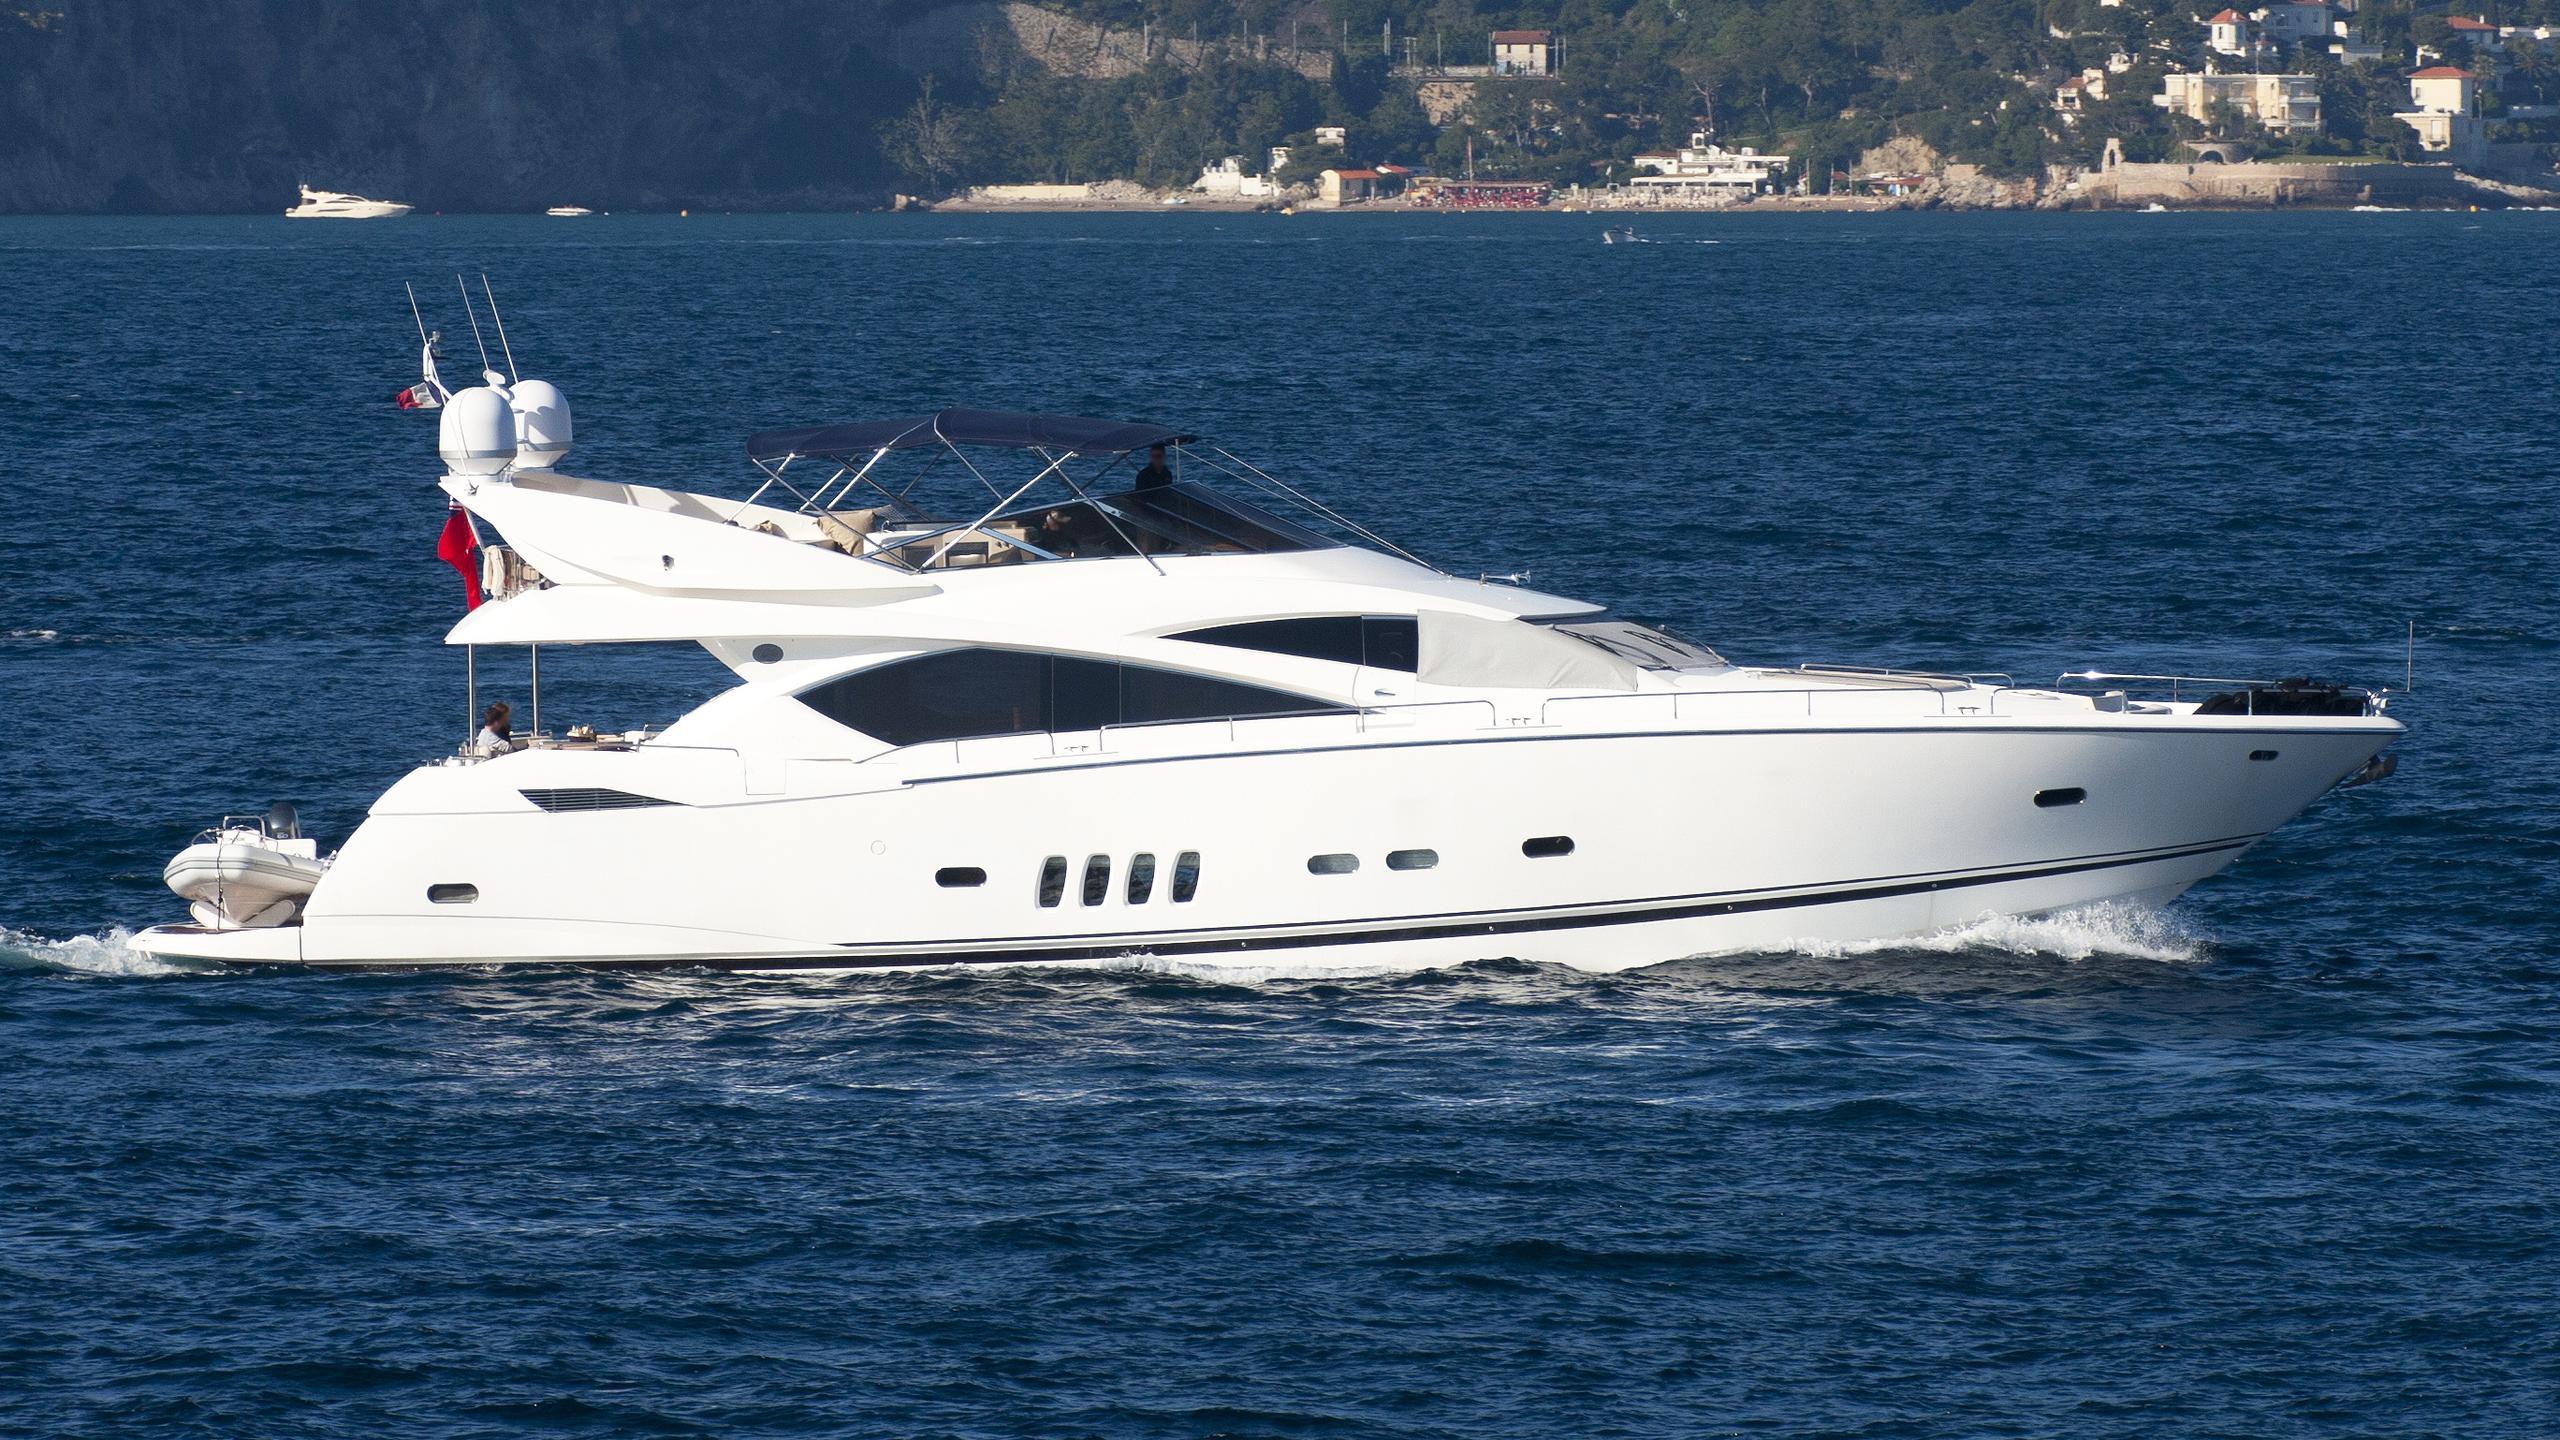 maroma iv phoebe tres gilera motoryacht sunseeker yachts 25m 20015 profile